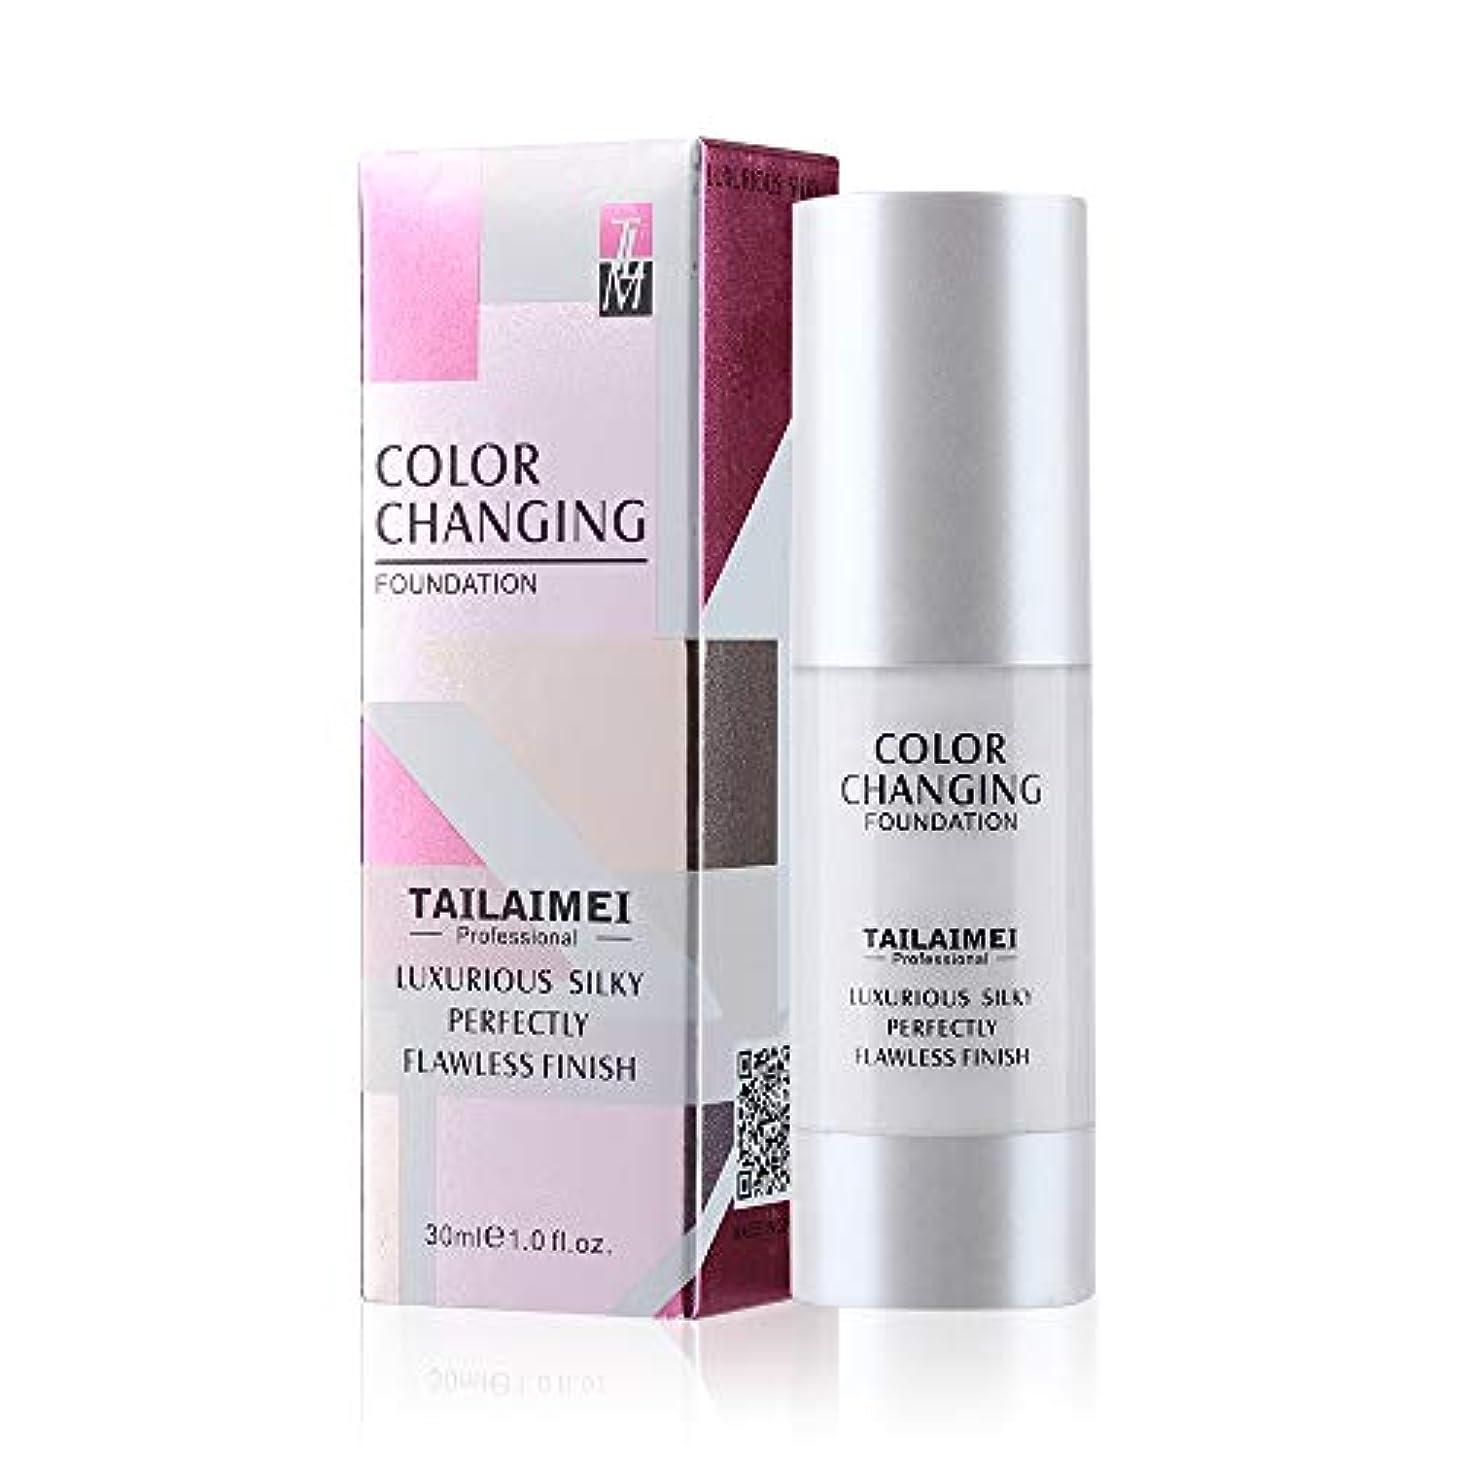 ケーキピア社員ちょうど混合することによってあなたの肌のトーンにリキッドファンデーションの化粧変更を変更する30ml TLMの完璧な色